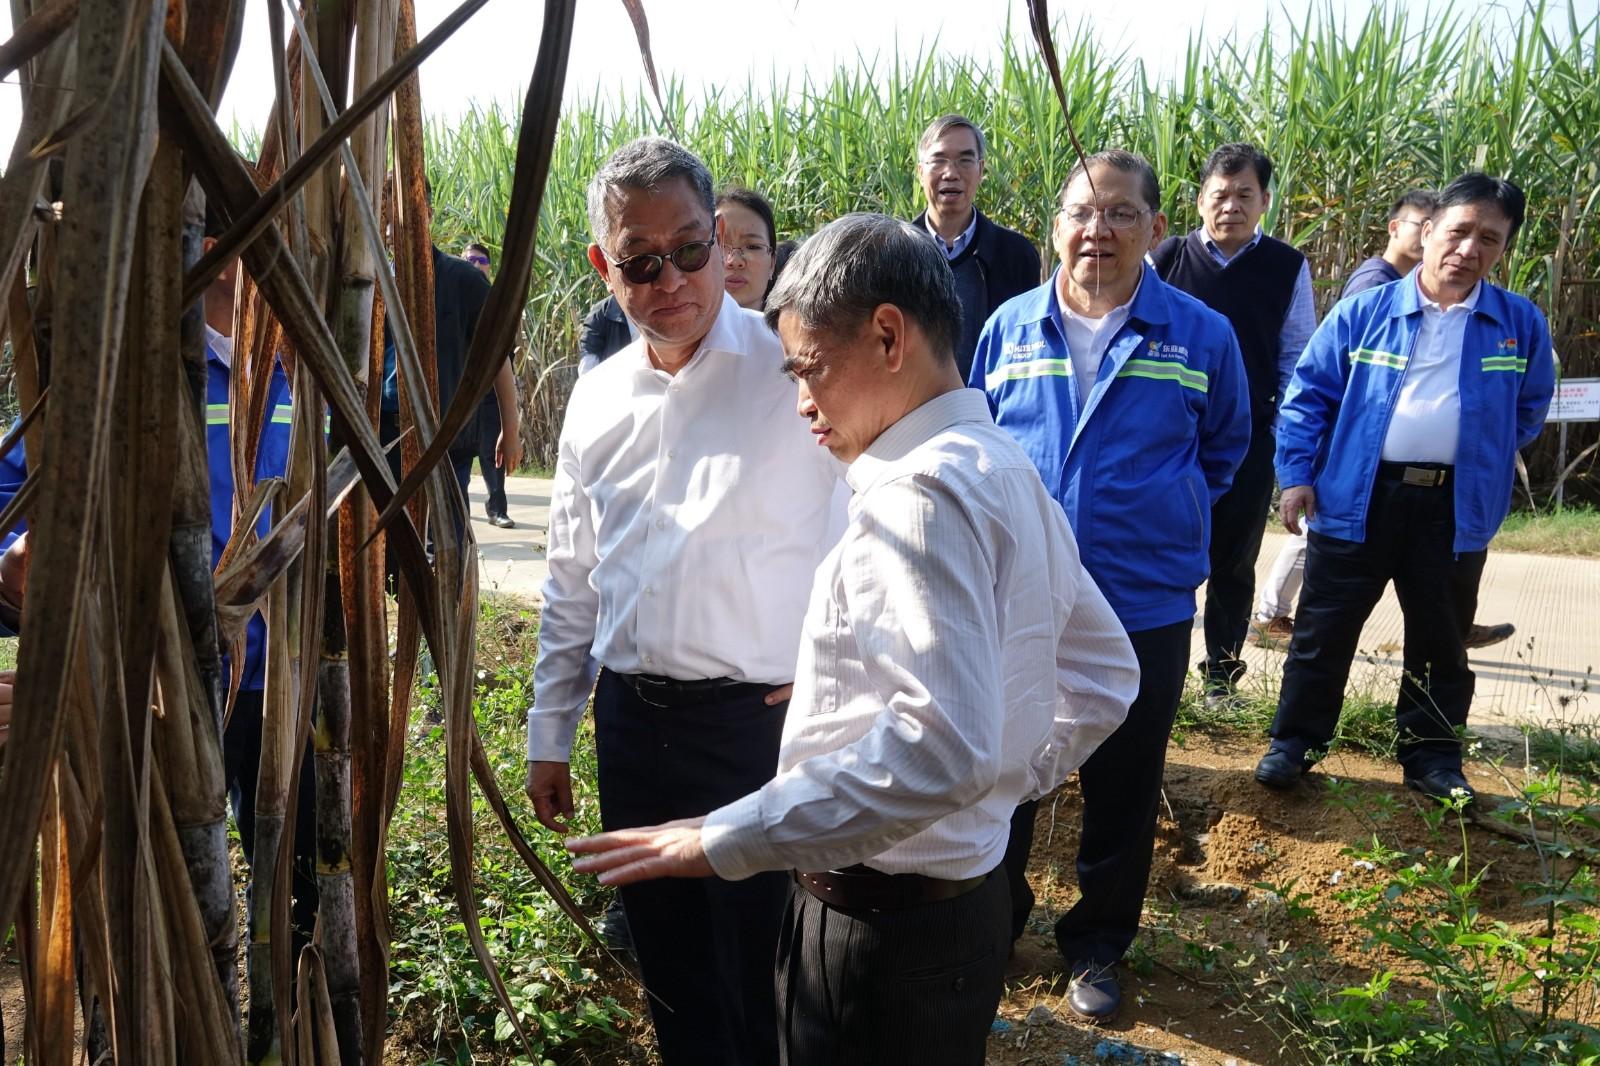 吉沙纳副主席(左三)和林家乐总裁(左一)对甘蔗品种改良推广提出建议图片